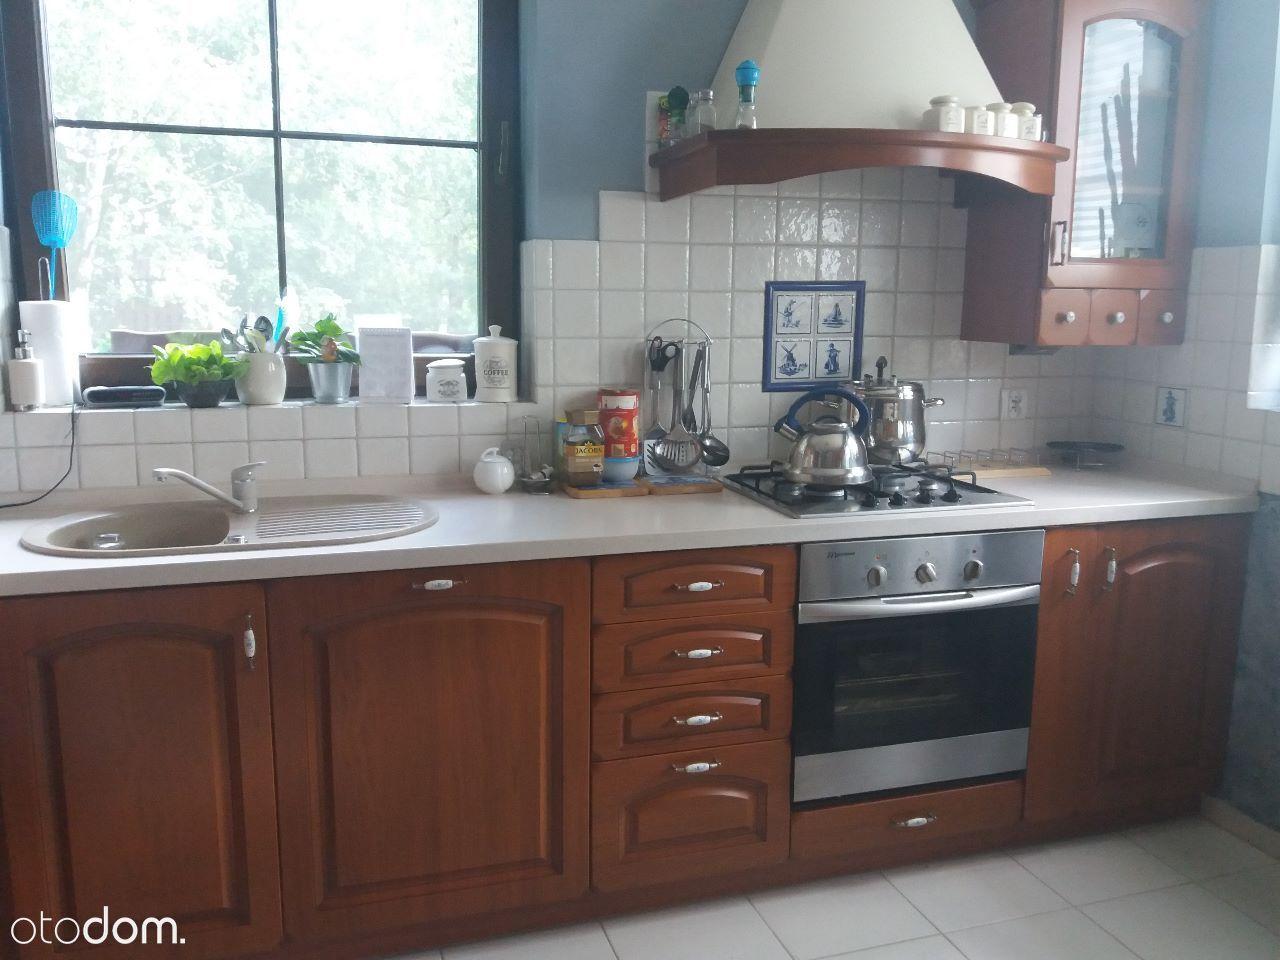 5 Pokoje Dom Na Sprzedaż Dąbrowa Chełmińska Bydgoski Kujawsko Pomorskie 59466907 Wwwotodompl